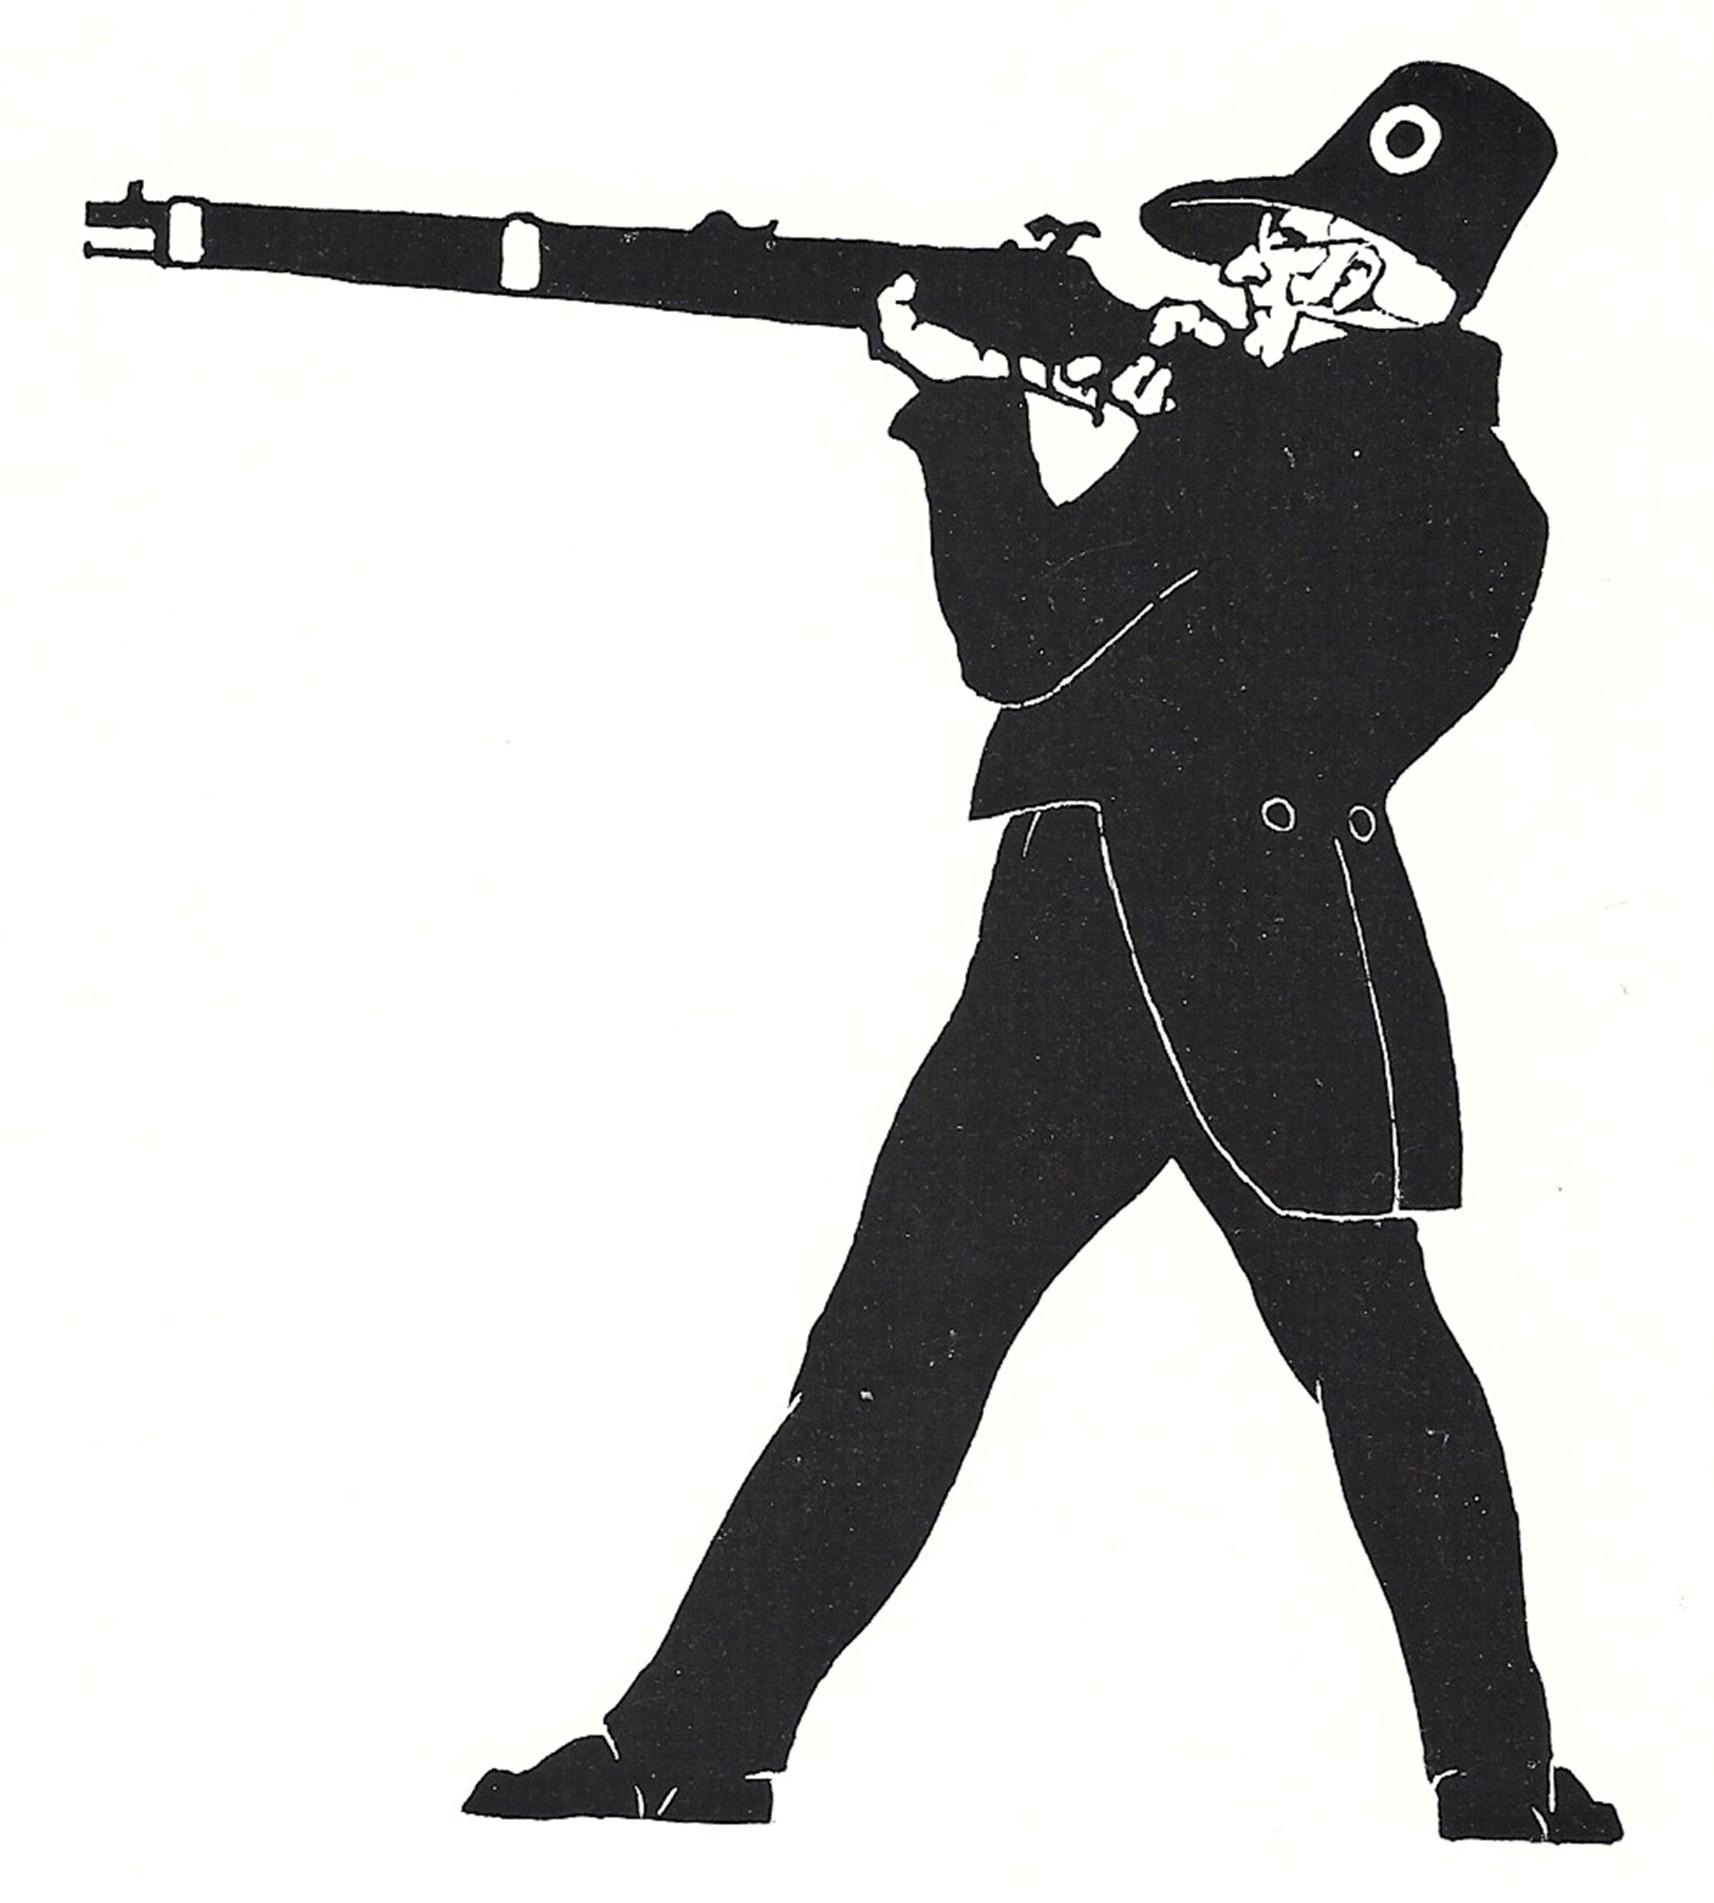 Figur des Ritter Pulverrauch 1761 - 1843